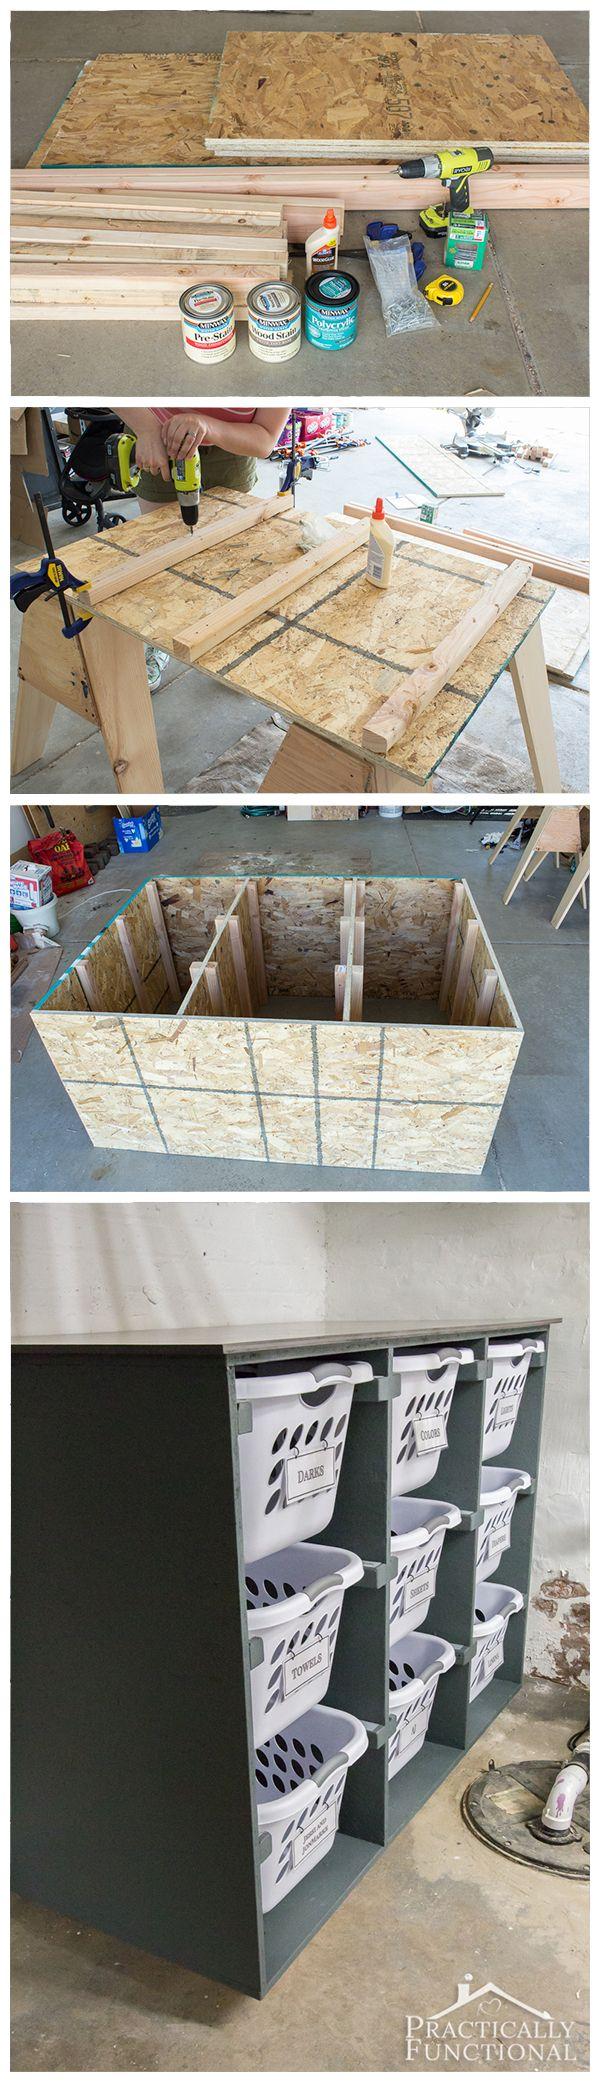 Bauen Sie Eine Einfache Waschekorb Kommode Halten Sie Ihre